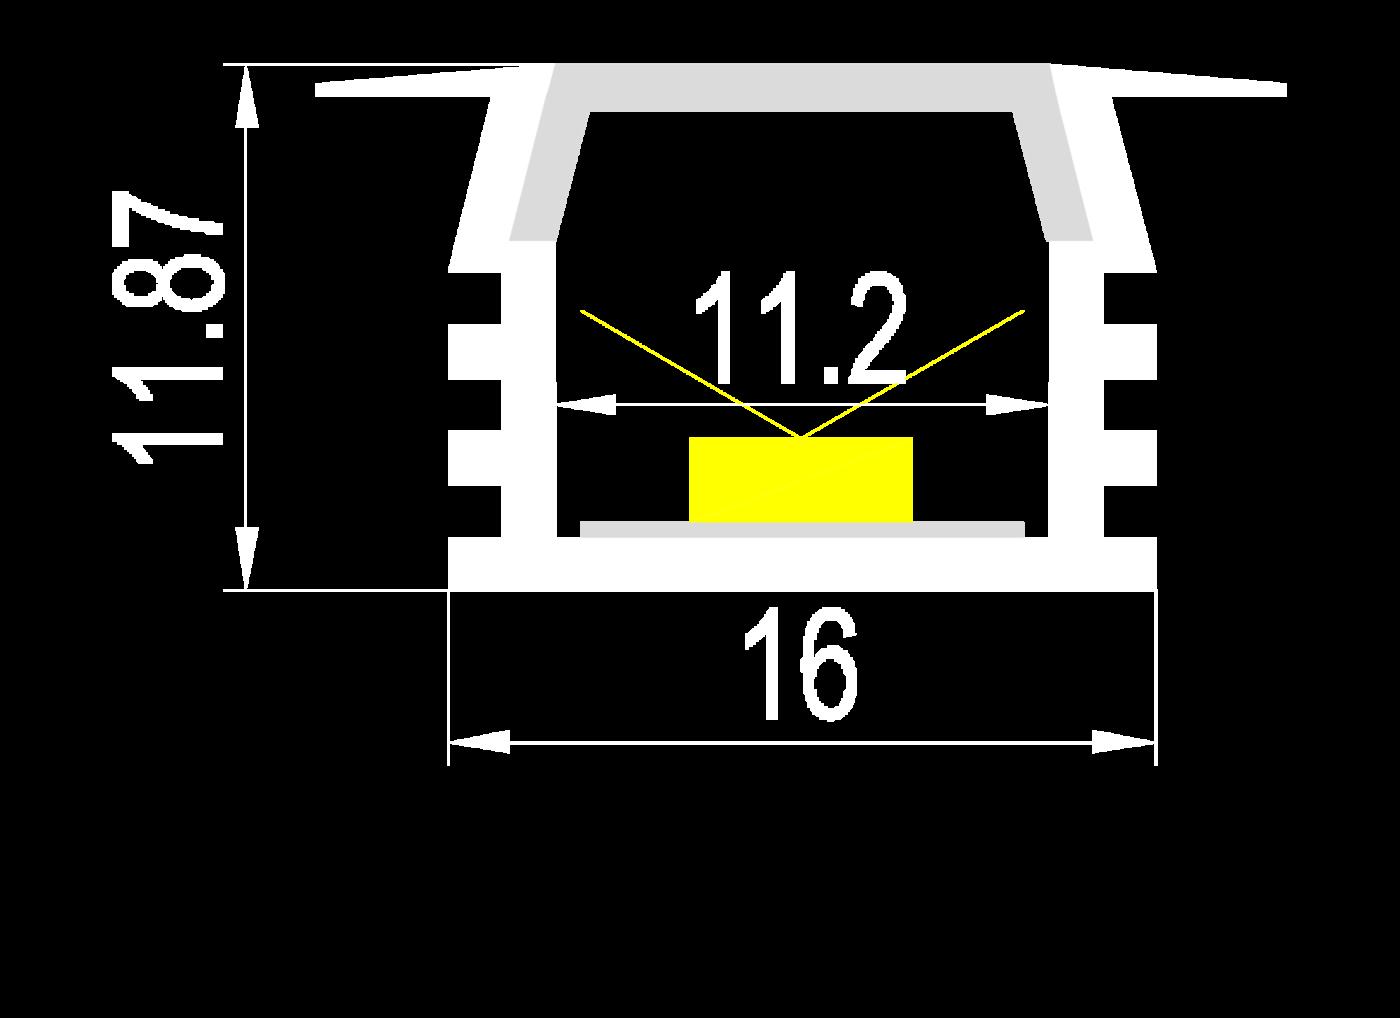 ar4-lennox-22